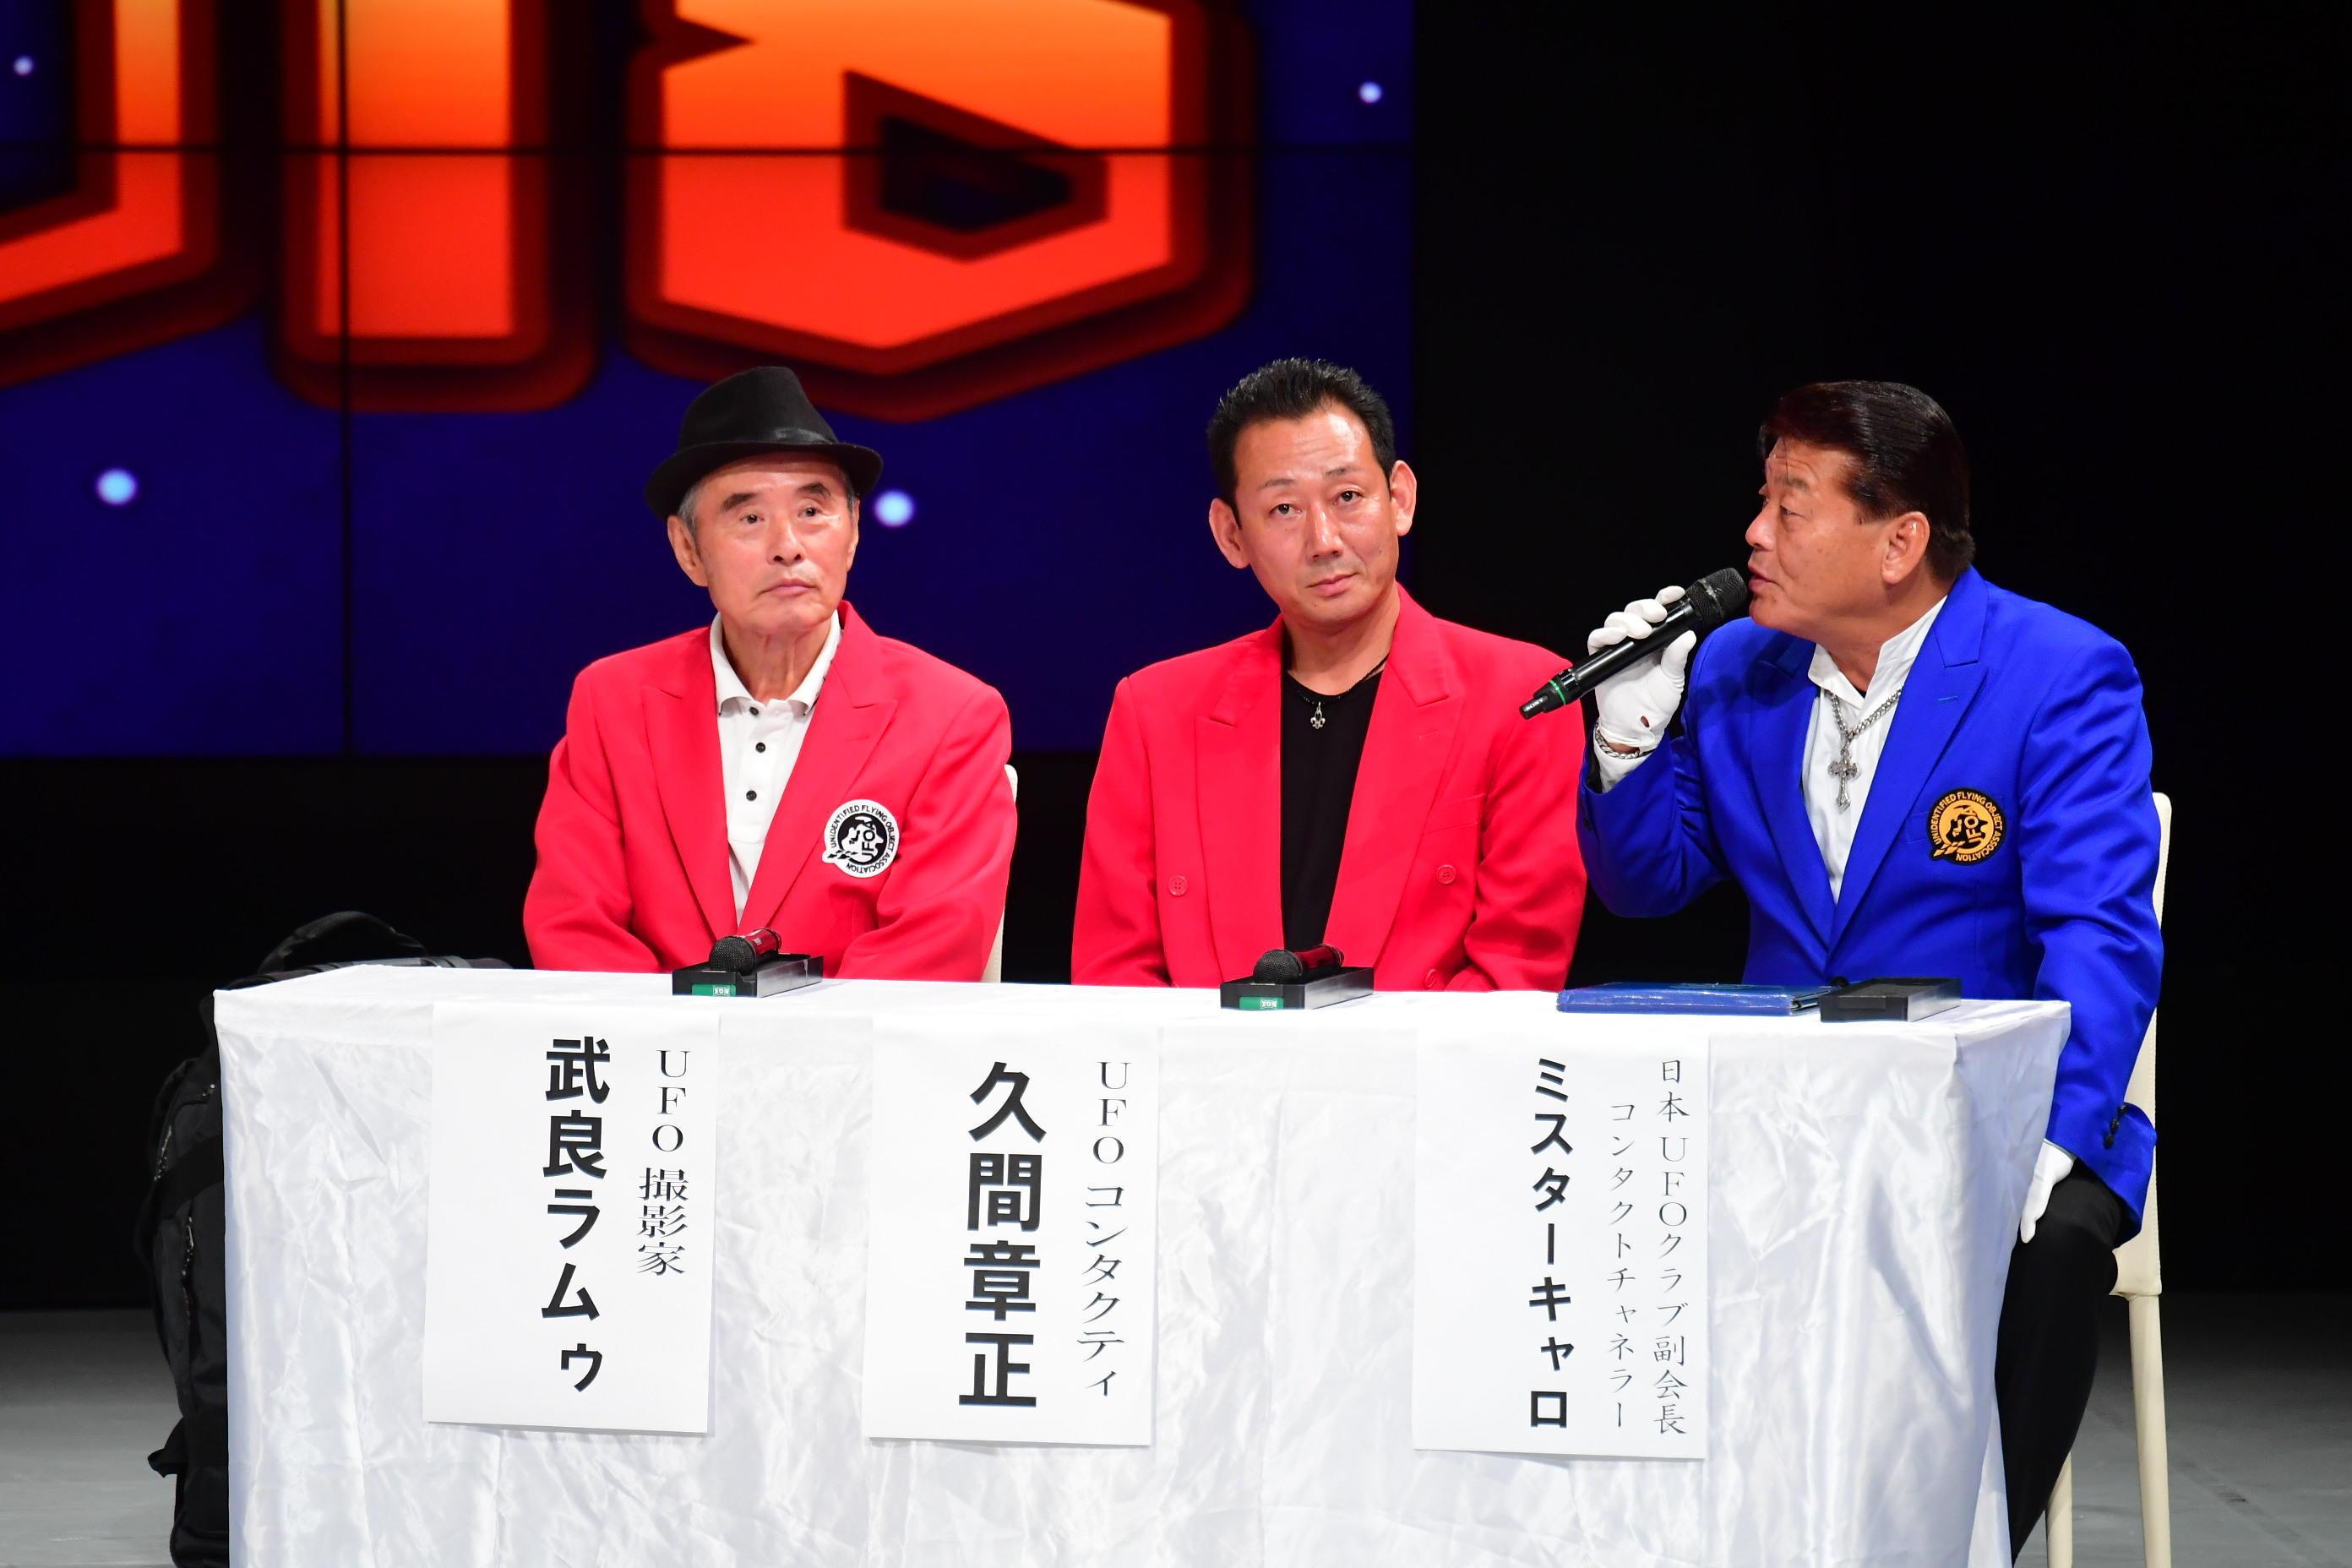 http://news.yoshimoto.co.jp/20180830011020-2d4486ee7411a285dc012bdab36f68dfac7a38a1.jpg